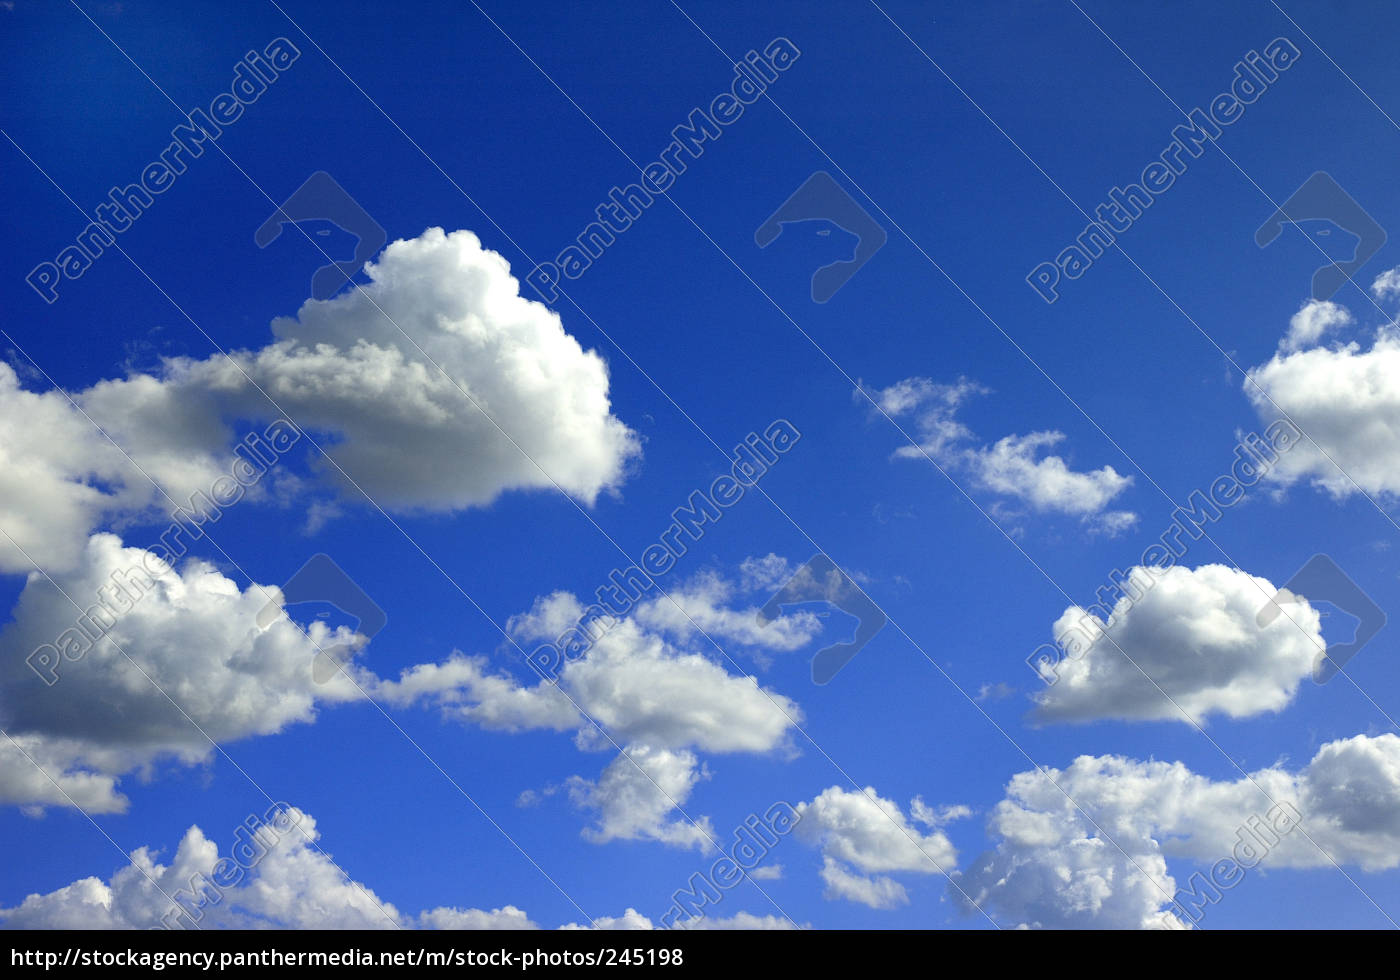 clouds, 2 - 245198